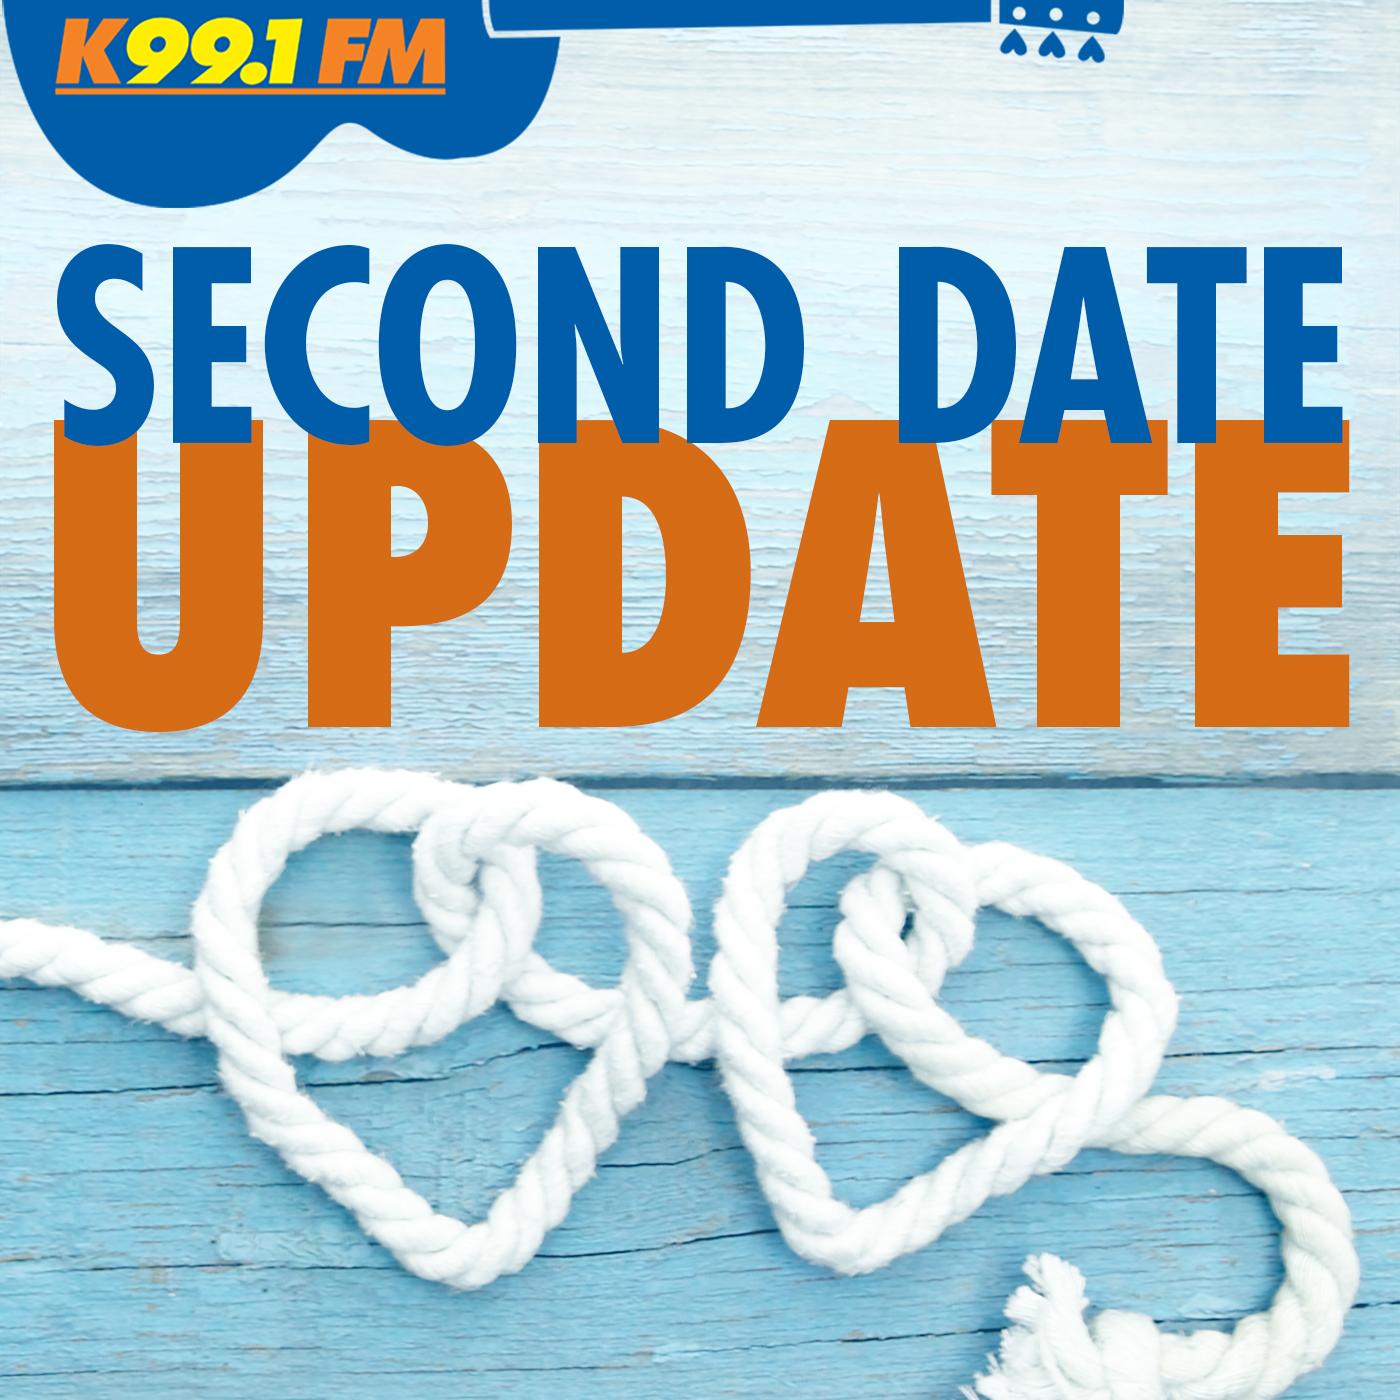 K99.1FM's Second Date Update